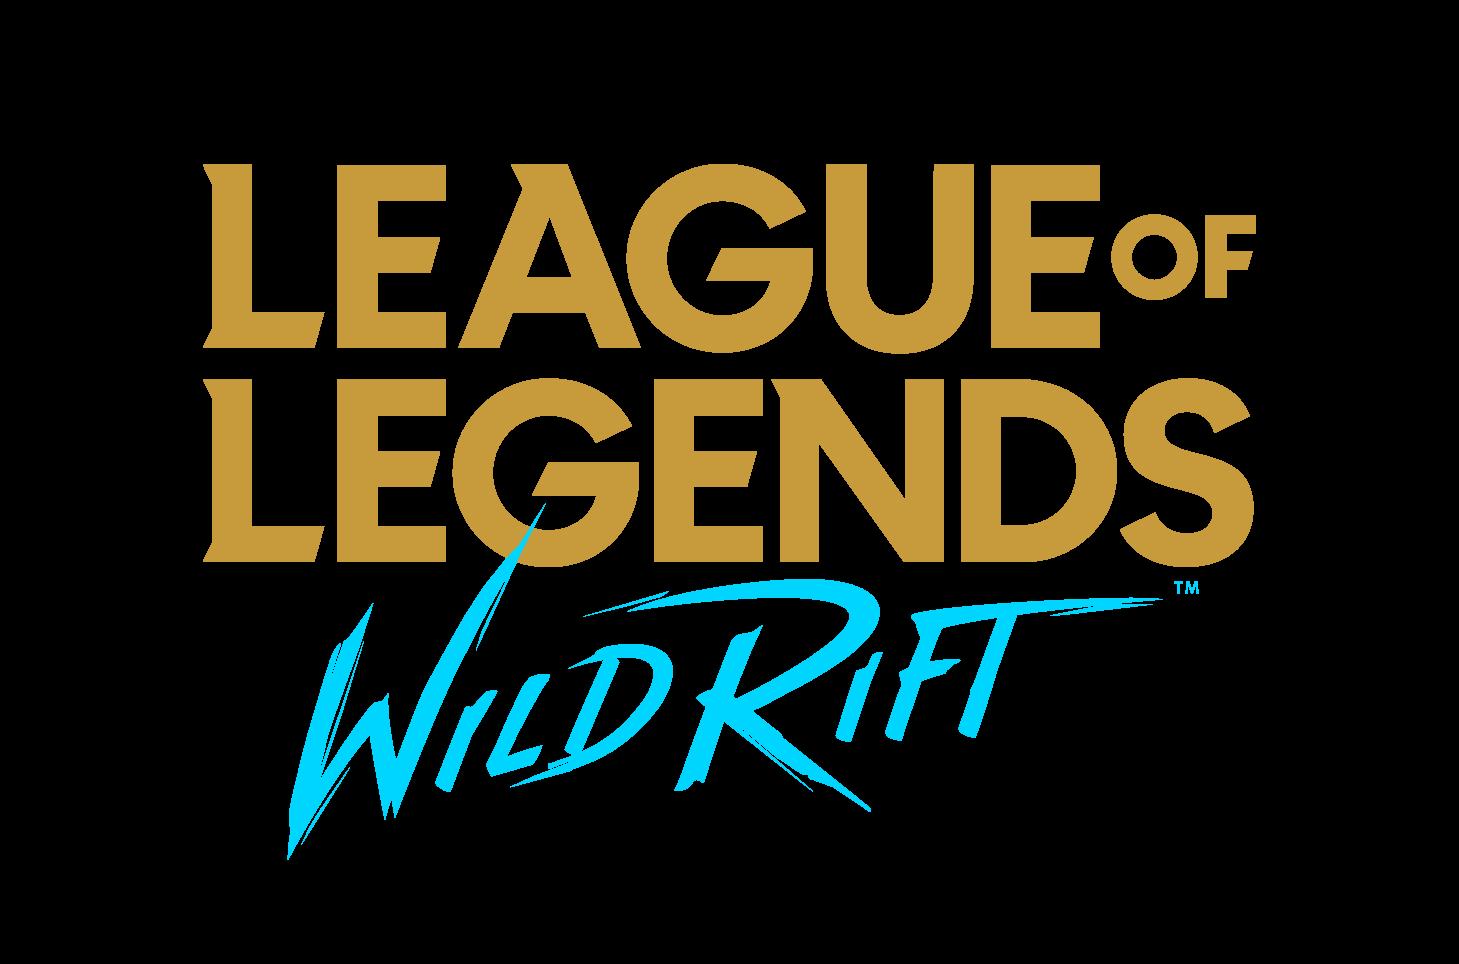 Fileleague Of Legends Wild Rift Logopng Wikipedia